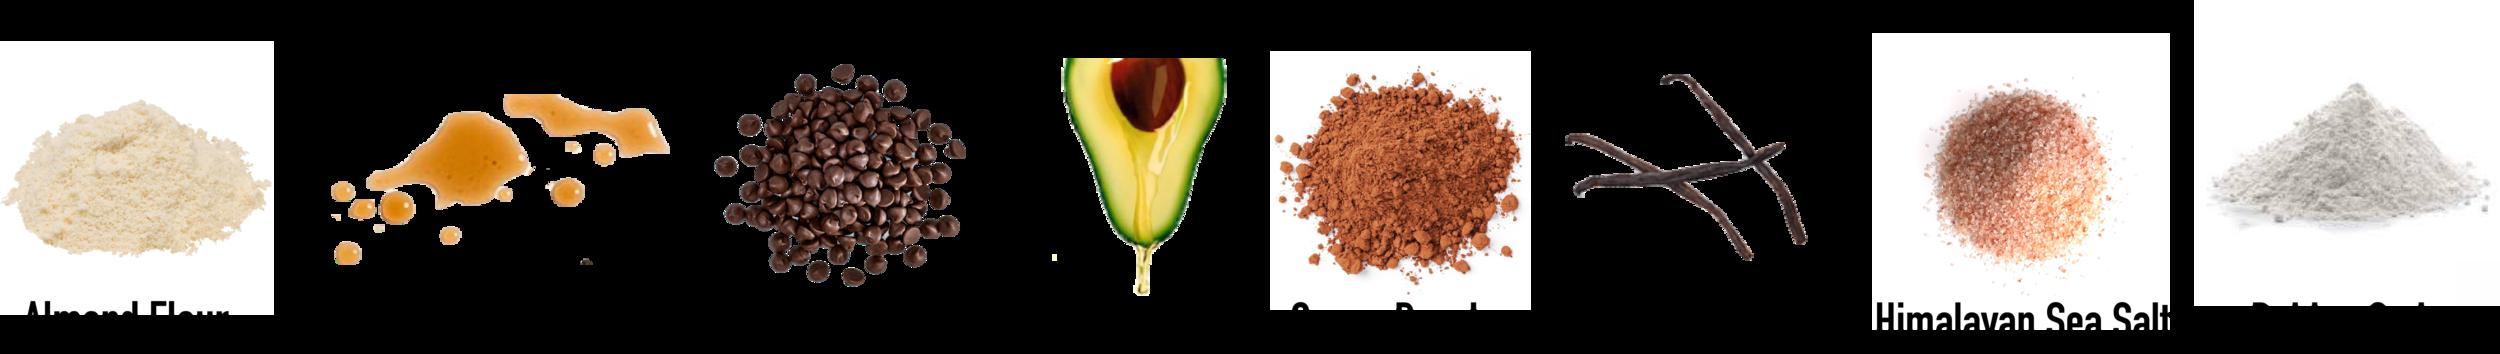 brownieingredients.png